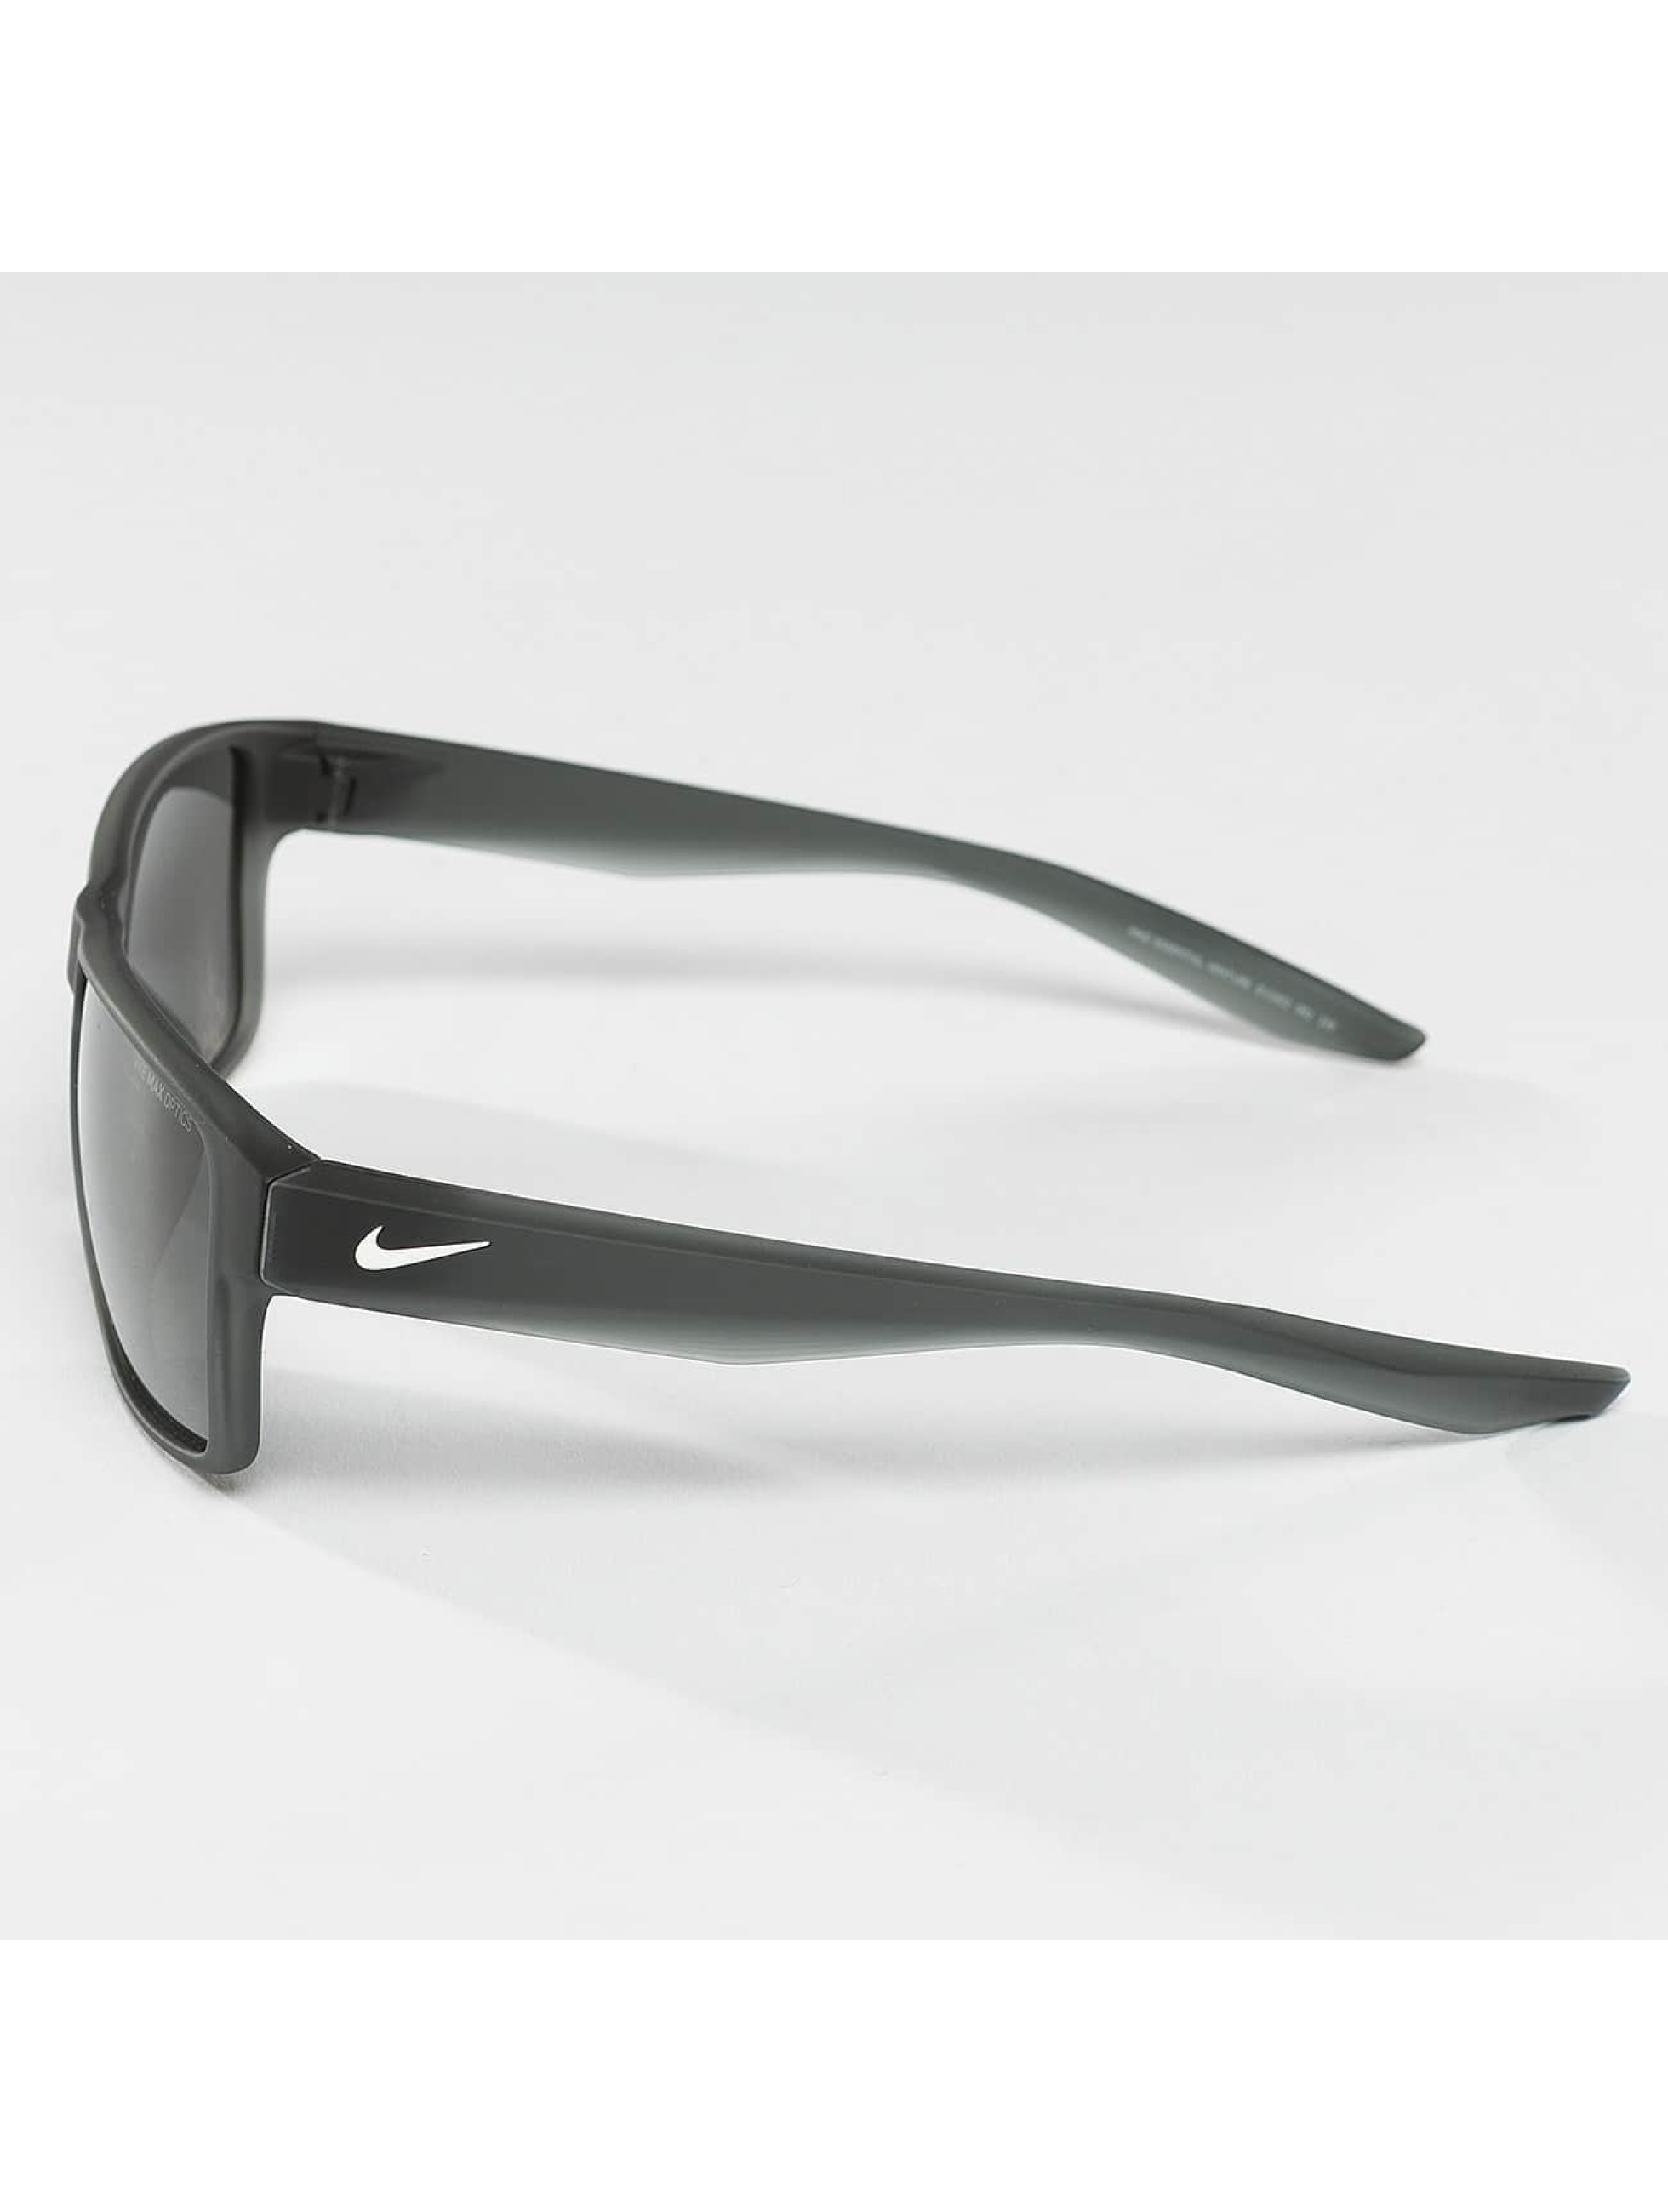 Nike Vision Lunettes de soleil Essential Venture gris